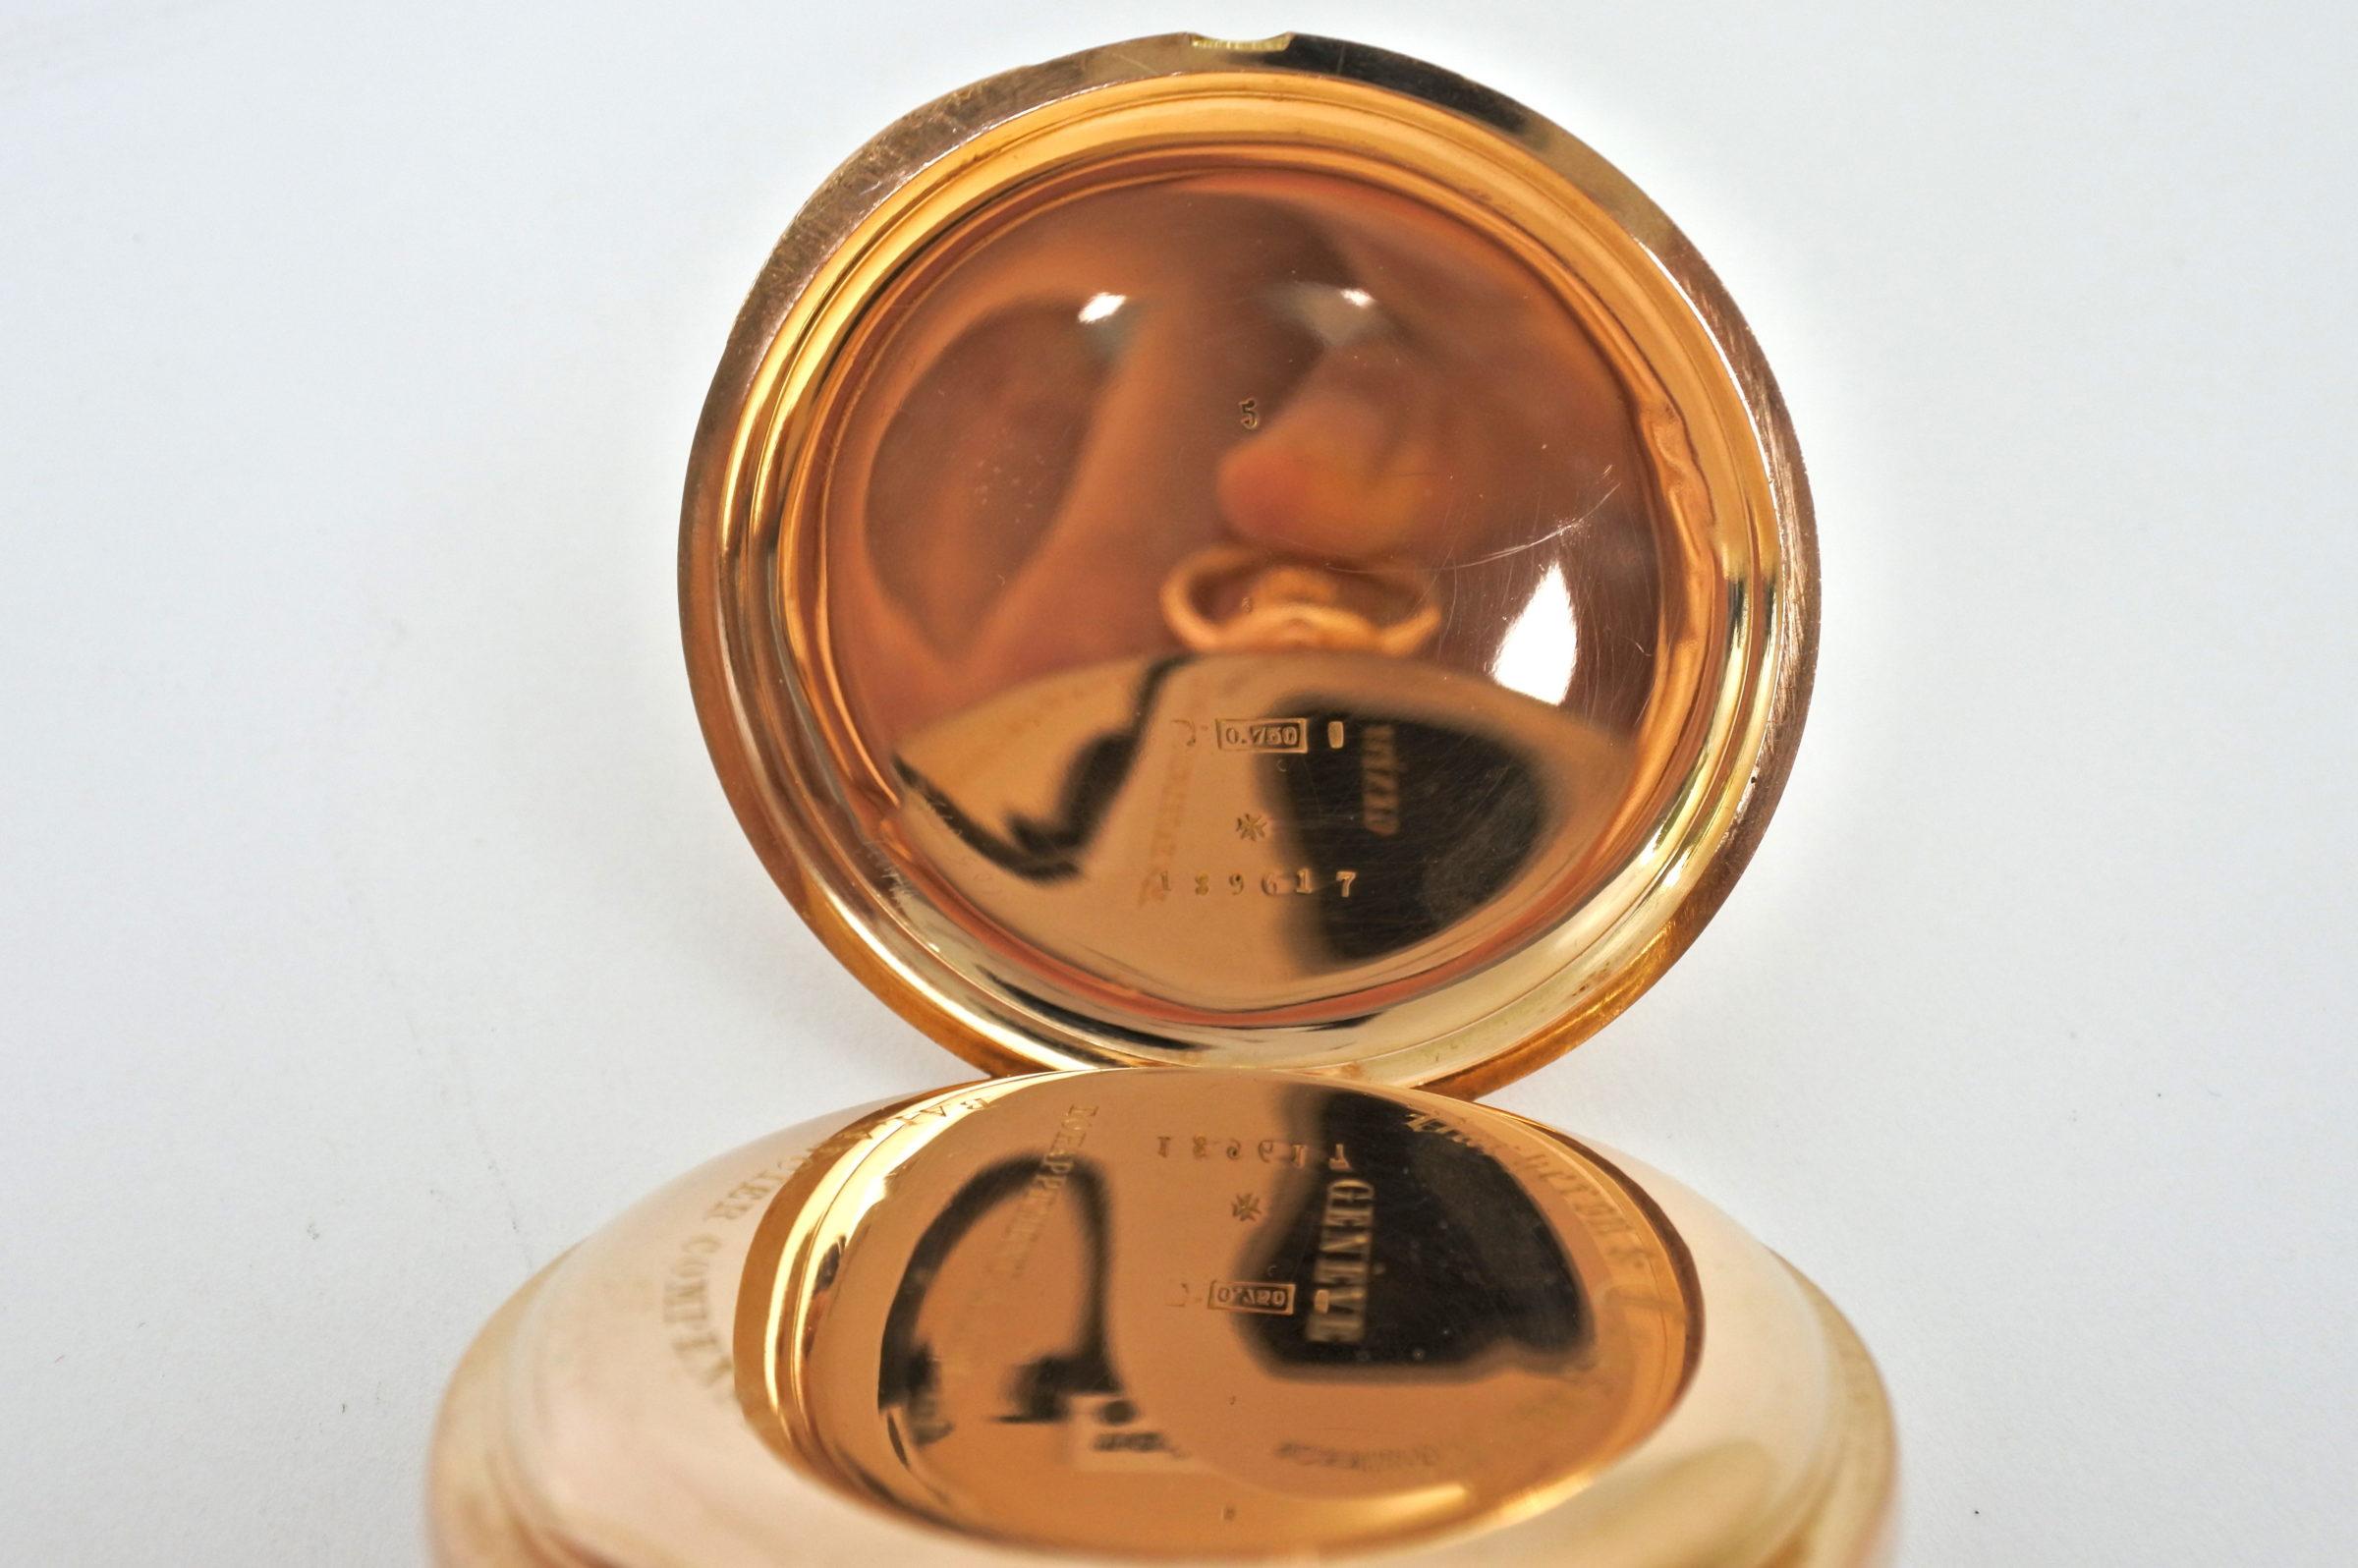 Orologio da tasca occhio di bue in oro - Vacheron & Constantin Genève - 7